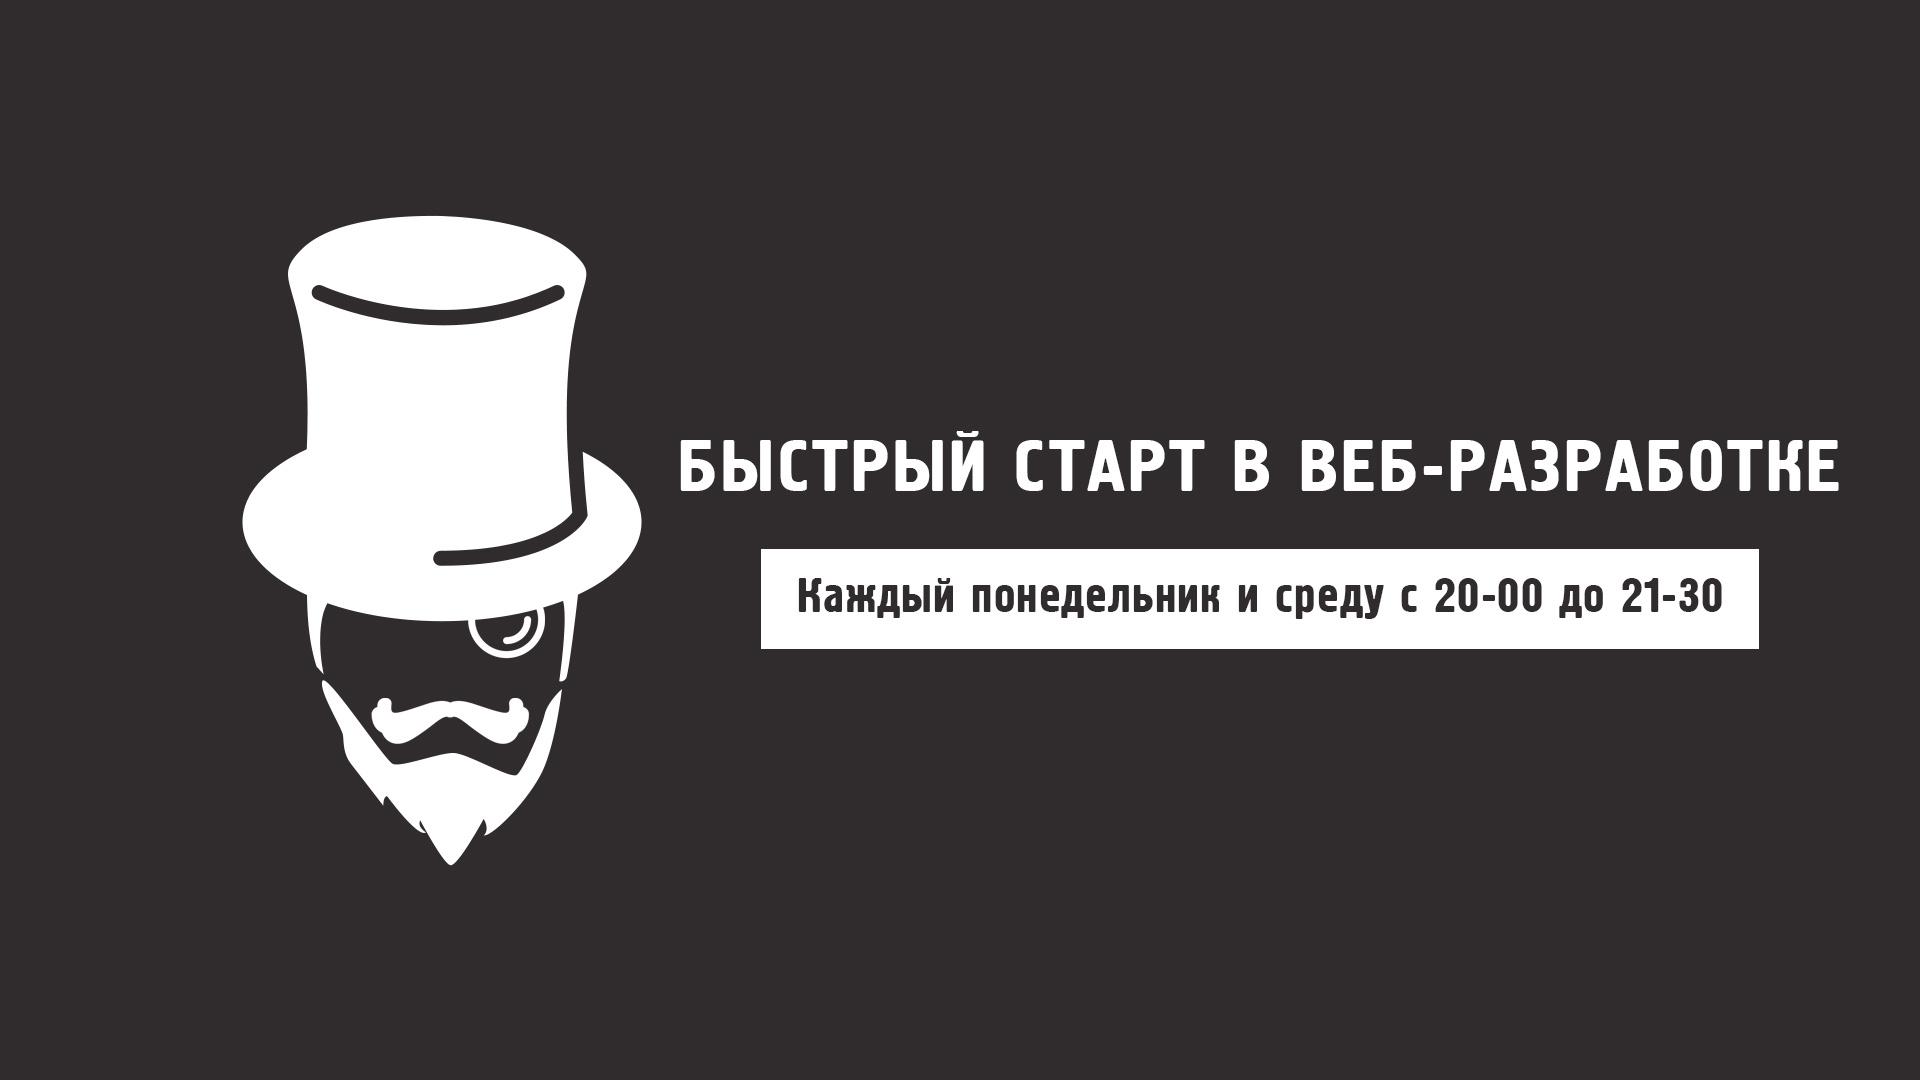 Обучающий онлайн проект: «Старт в веб разработке» - 1